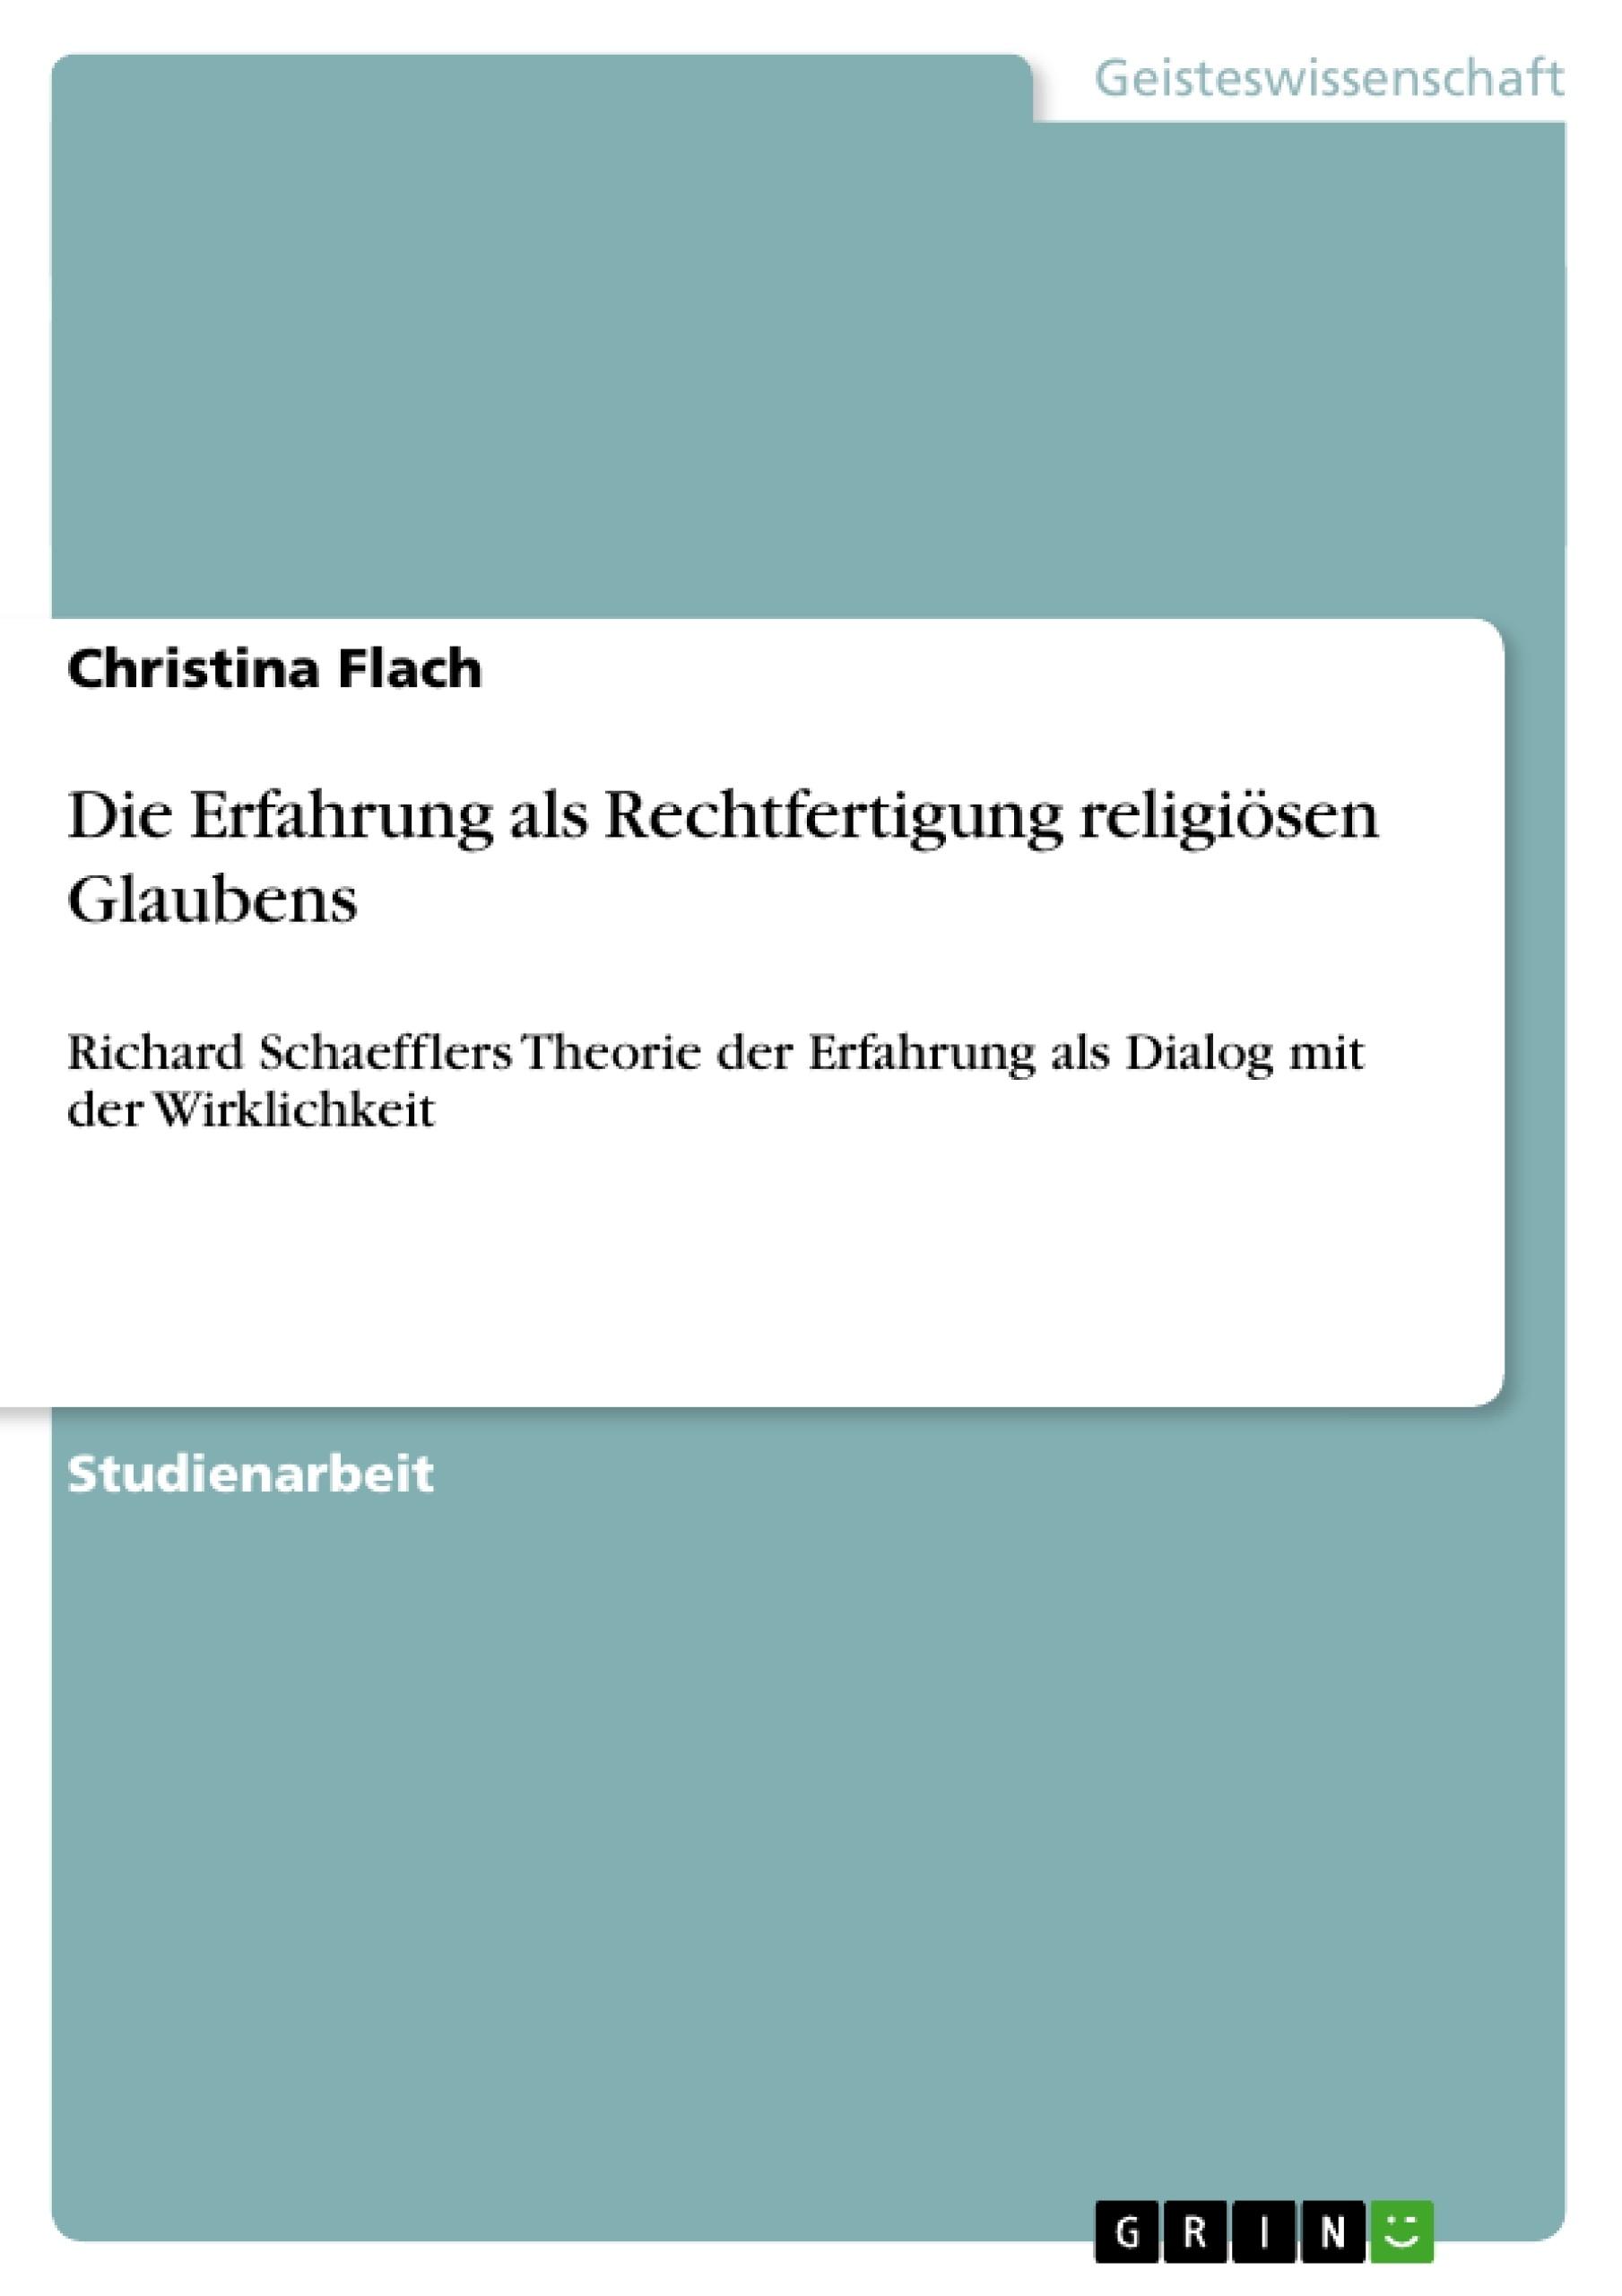 Titel: Die Erfahrung als Rechtfertigung religiösen Glaubens